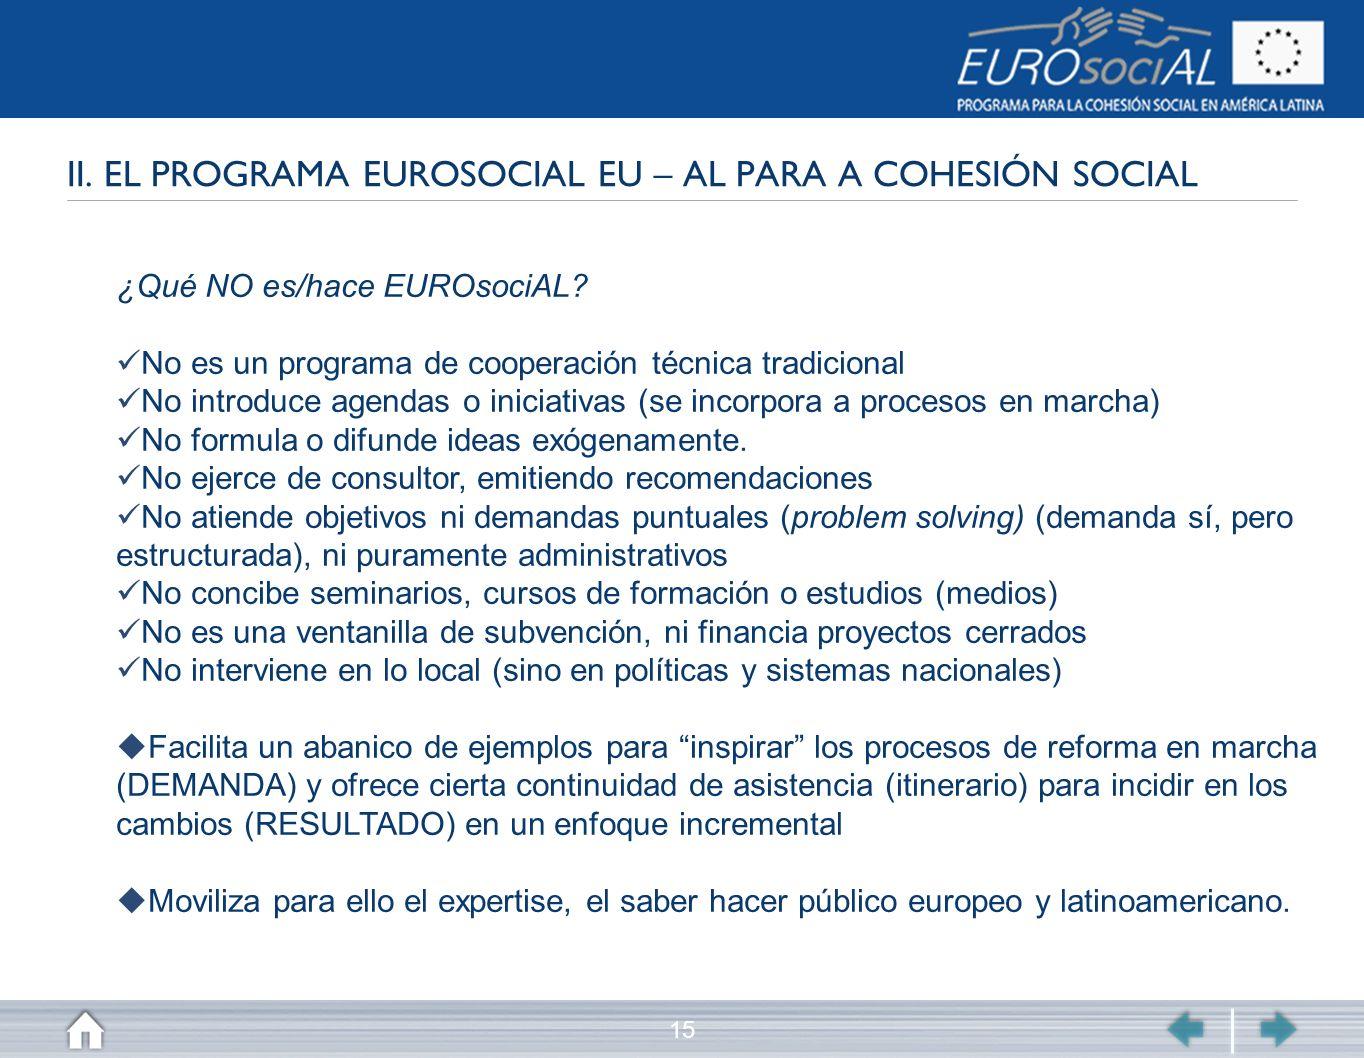 II. EL PROGRAMA EUROSOCIAL EU – AL PARA A COHESIÓN SOCIAL